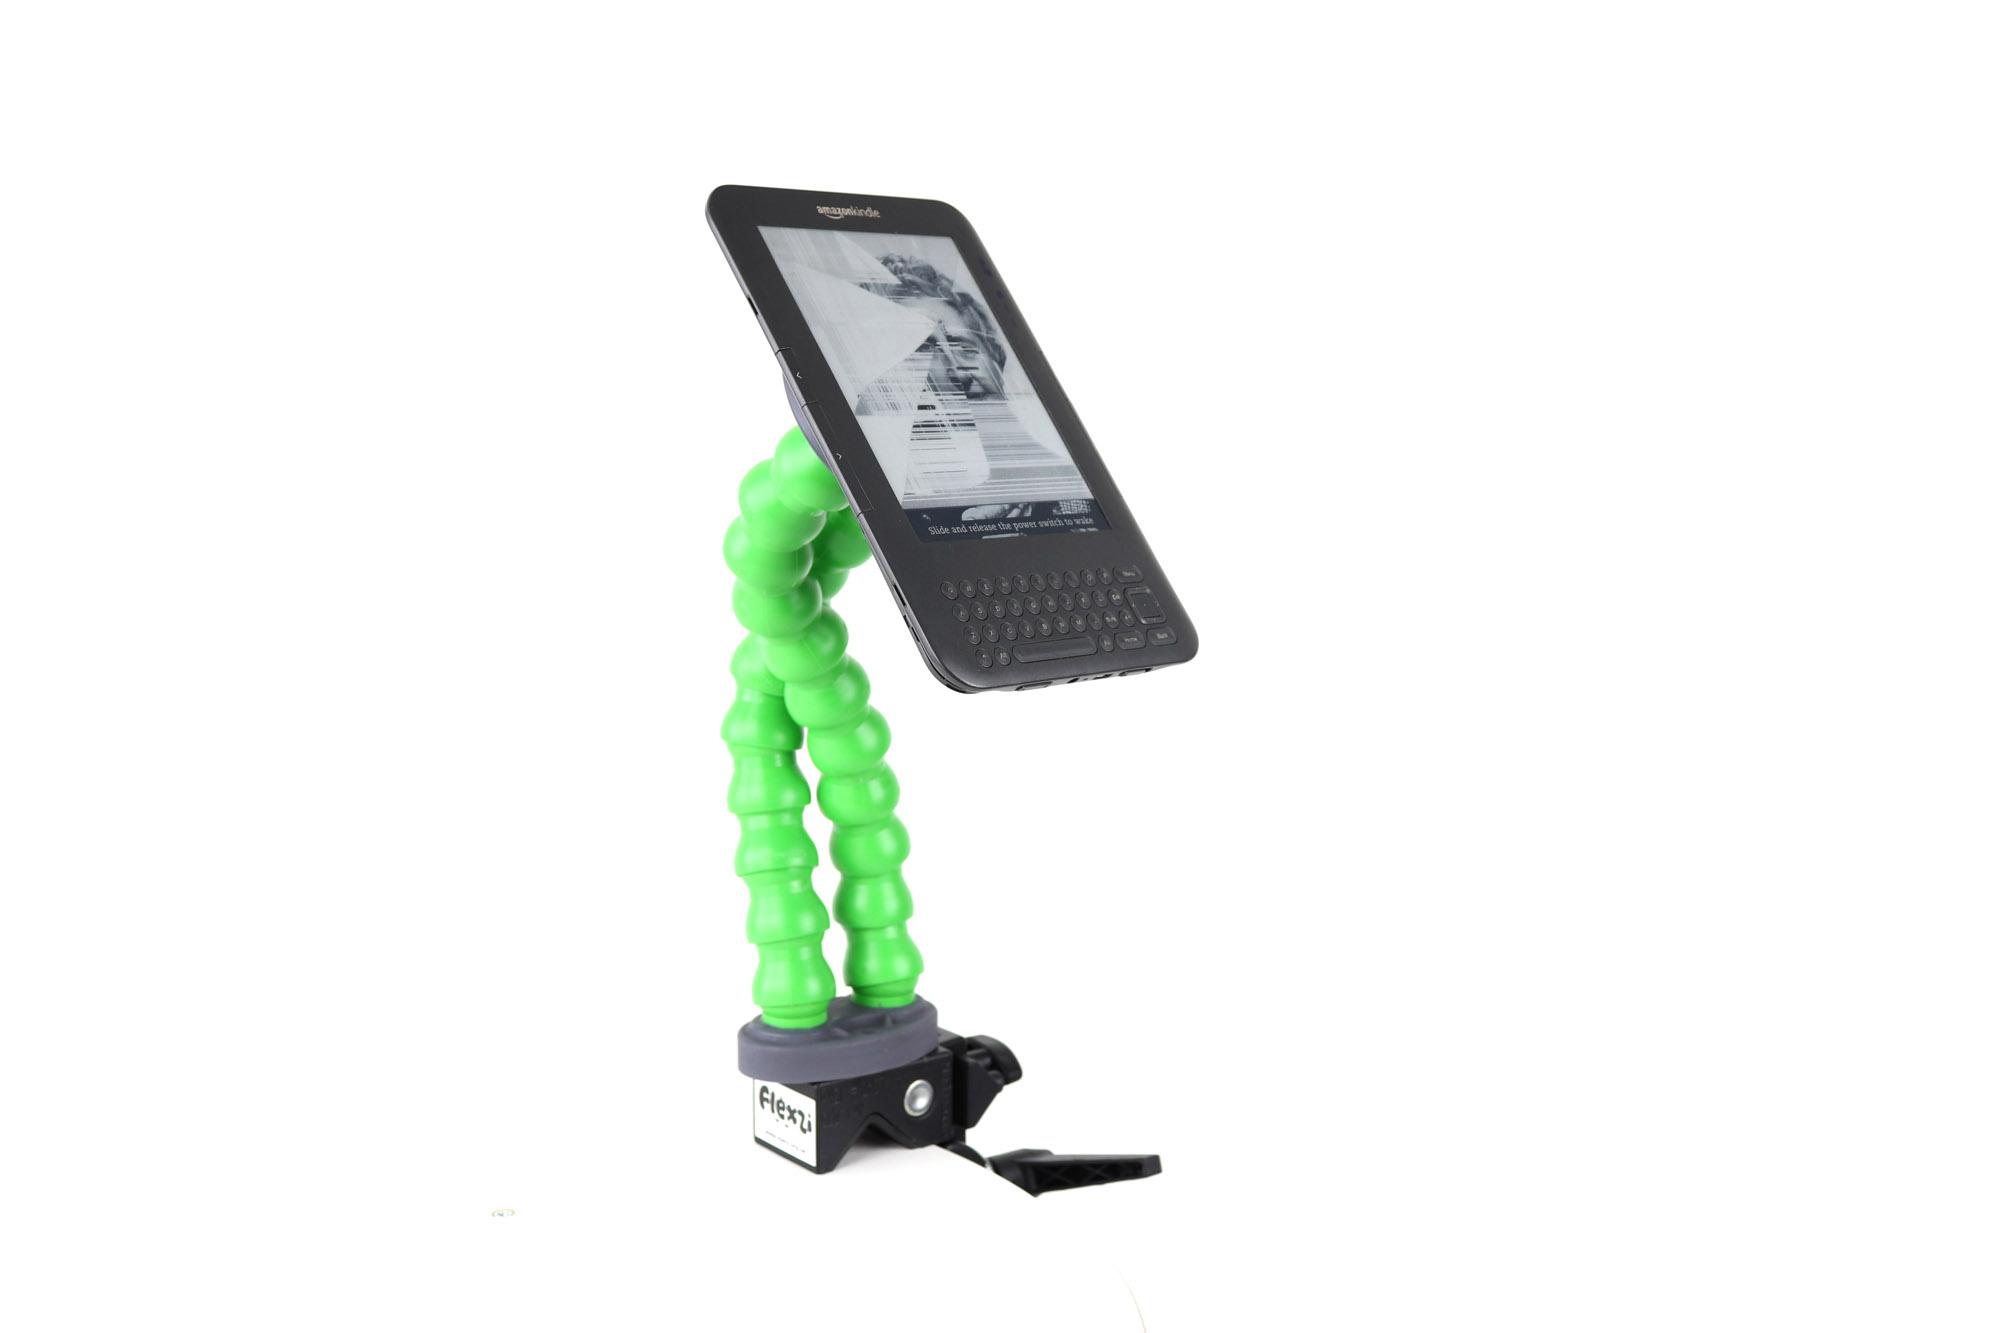 Kommunikasjonsstativet Flexzi 2 i grønt, montert med et Kindle lesebrett.